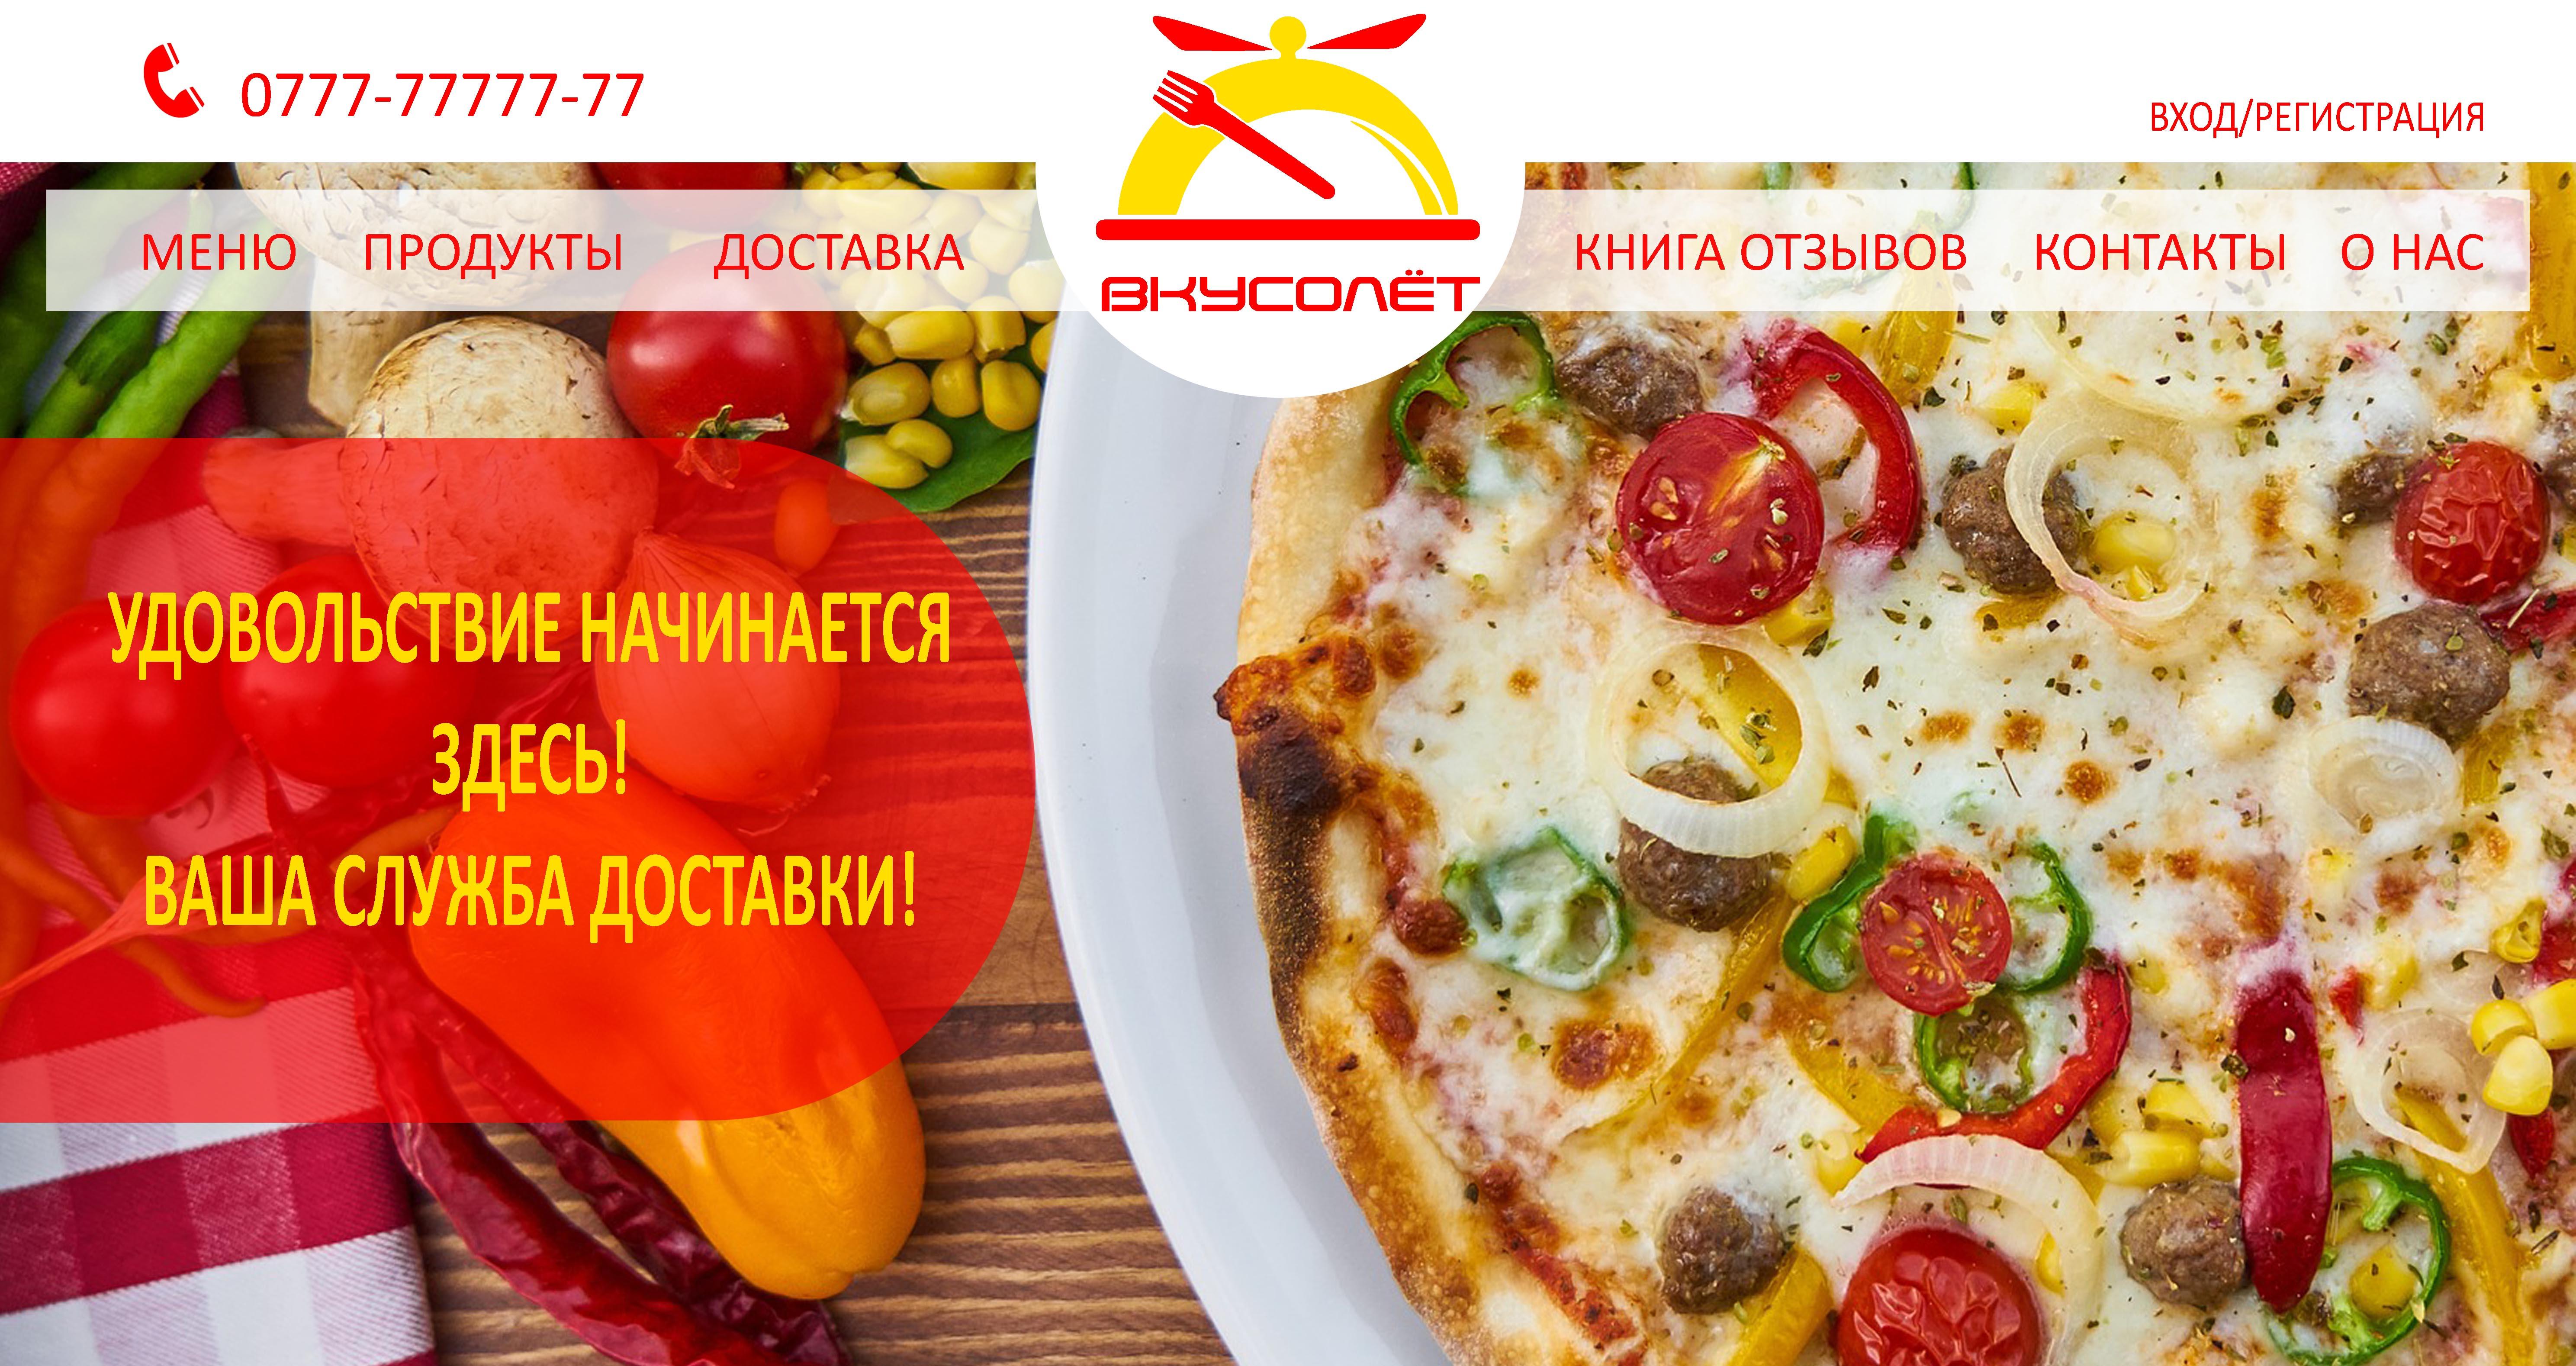 Логотип для доставки еды фото f_07659db1b90622c4.jpg